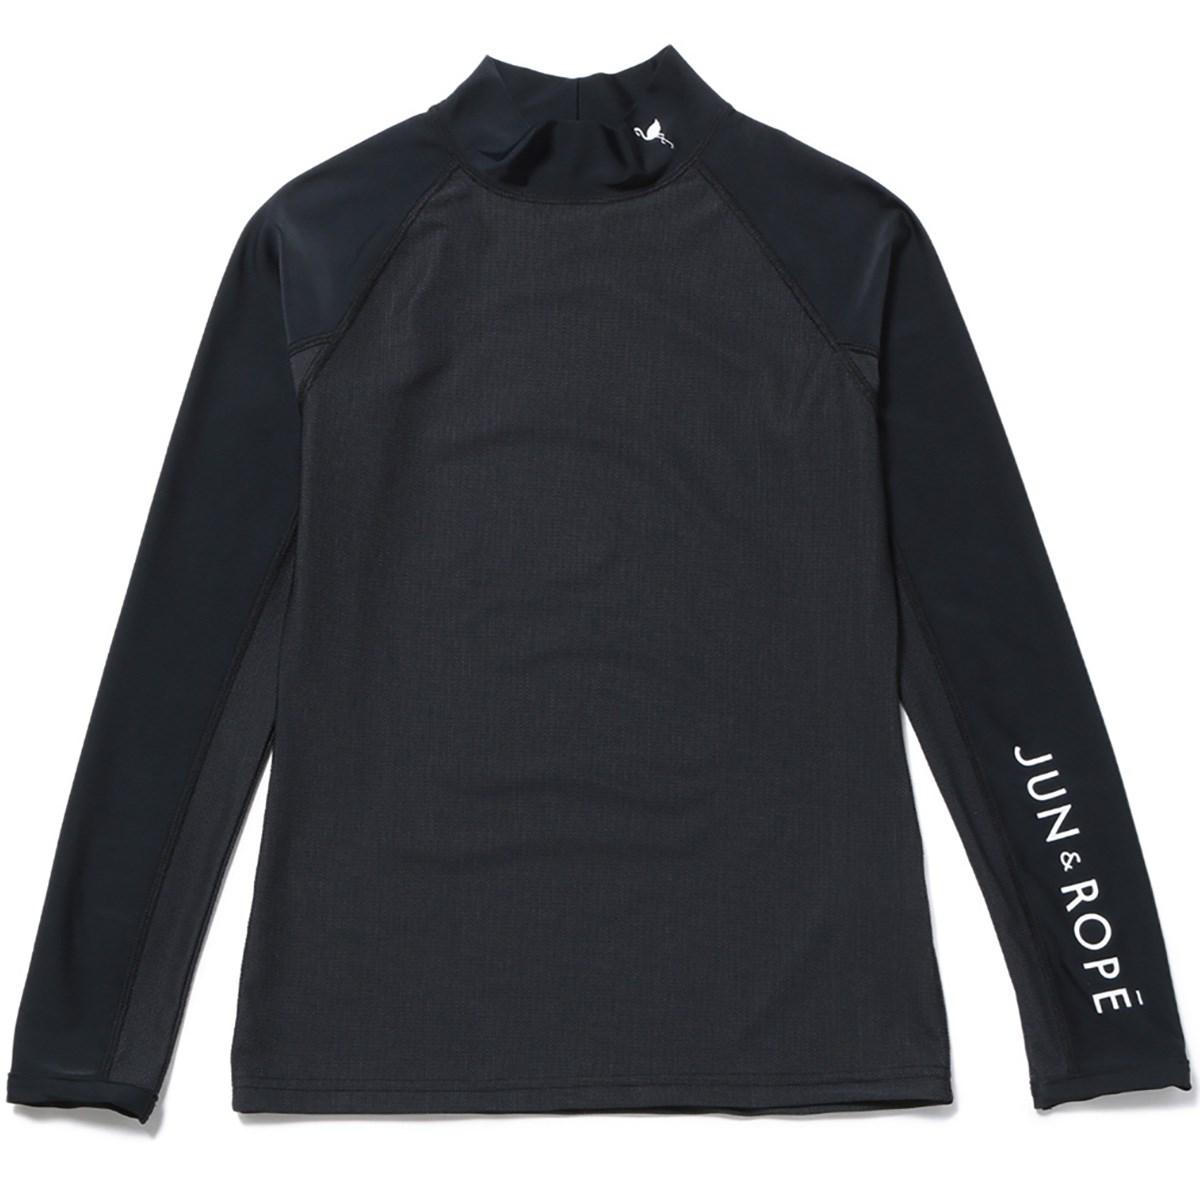 ジュン アンド ロペ JUN & ROPE メッシュ切替長袖アンダーシャツ S ブラック 01 レディス